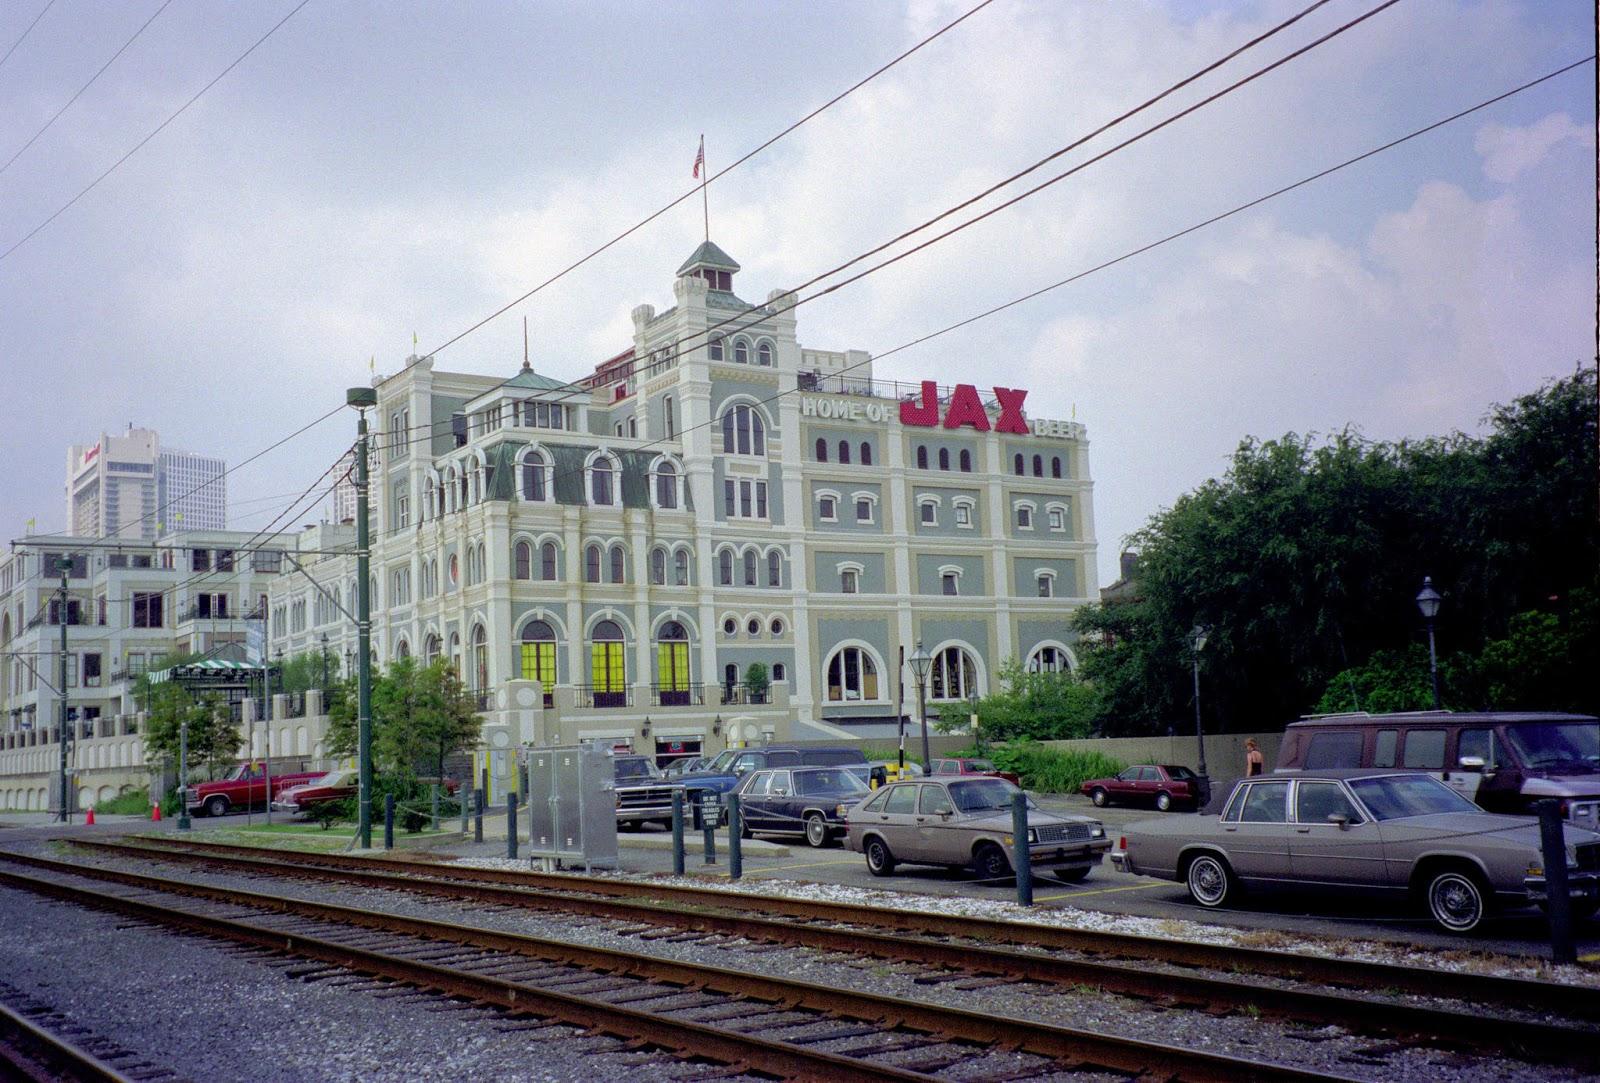 Jax Brewery